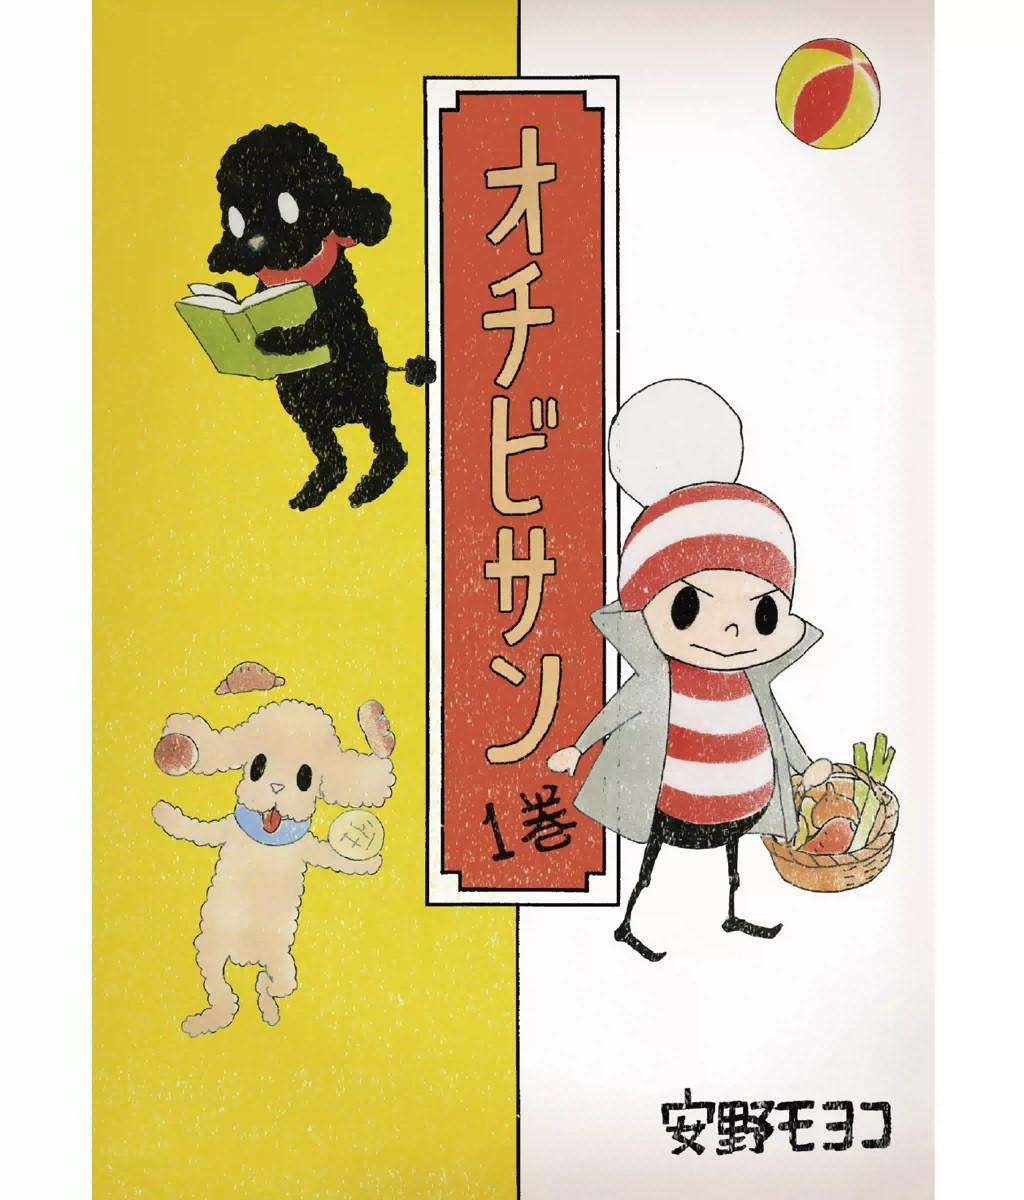 安野モヨコ - 電子書籍の漫画(...